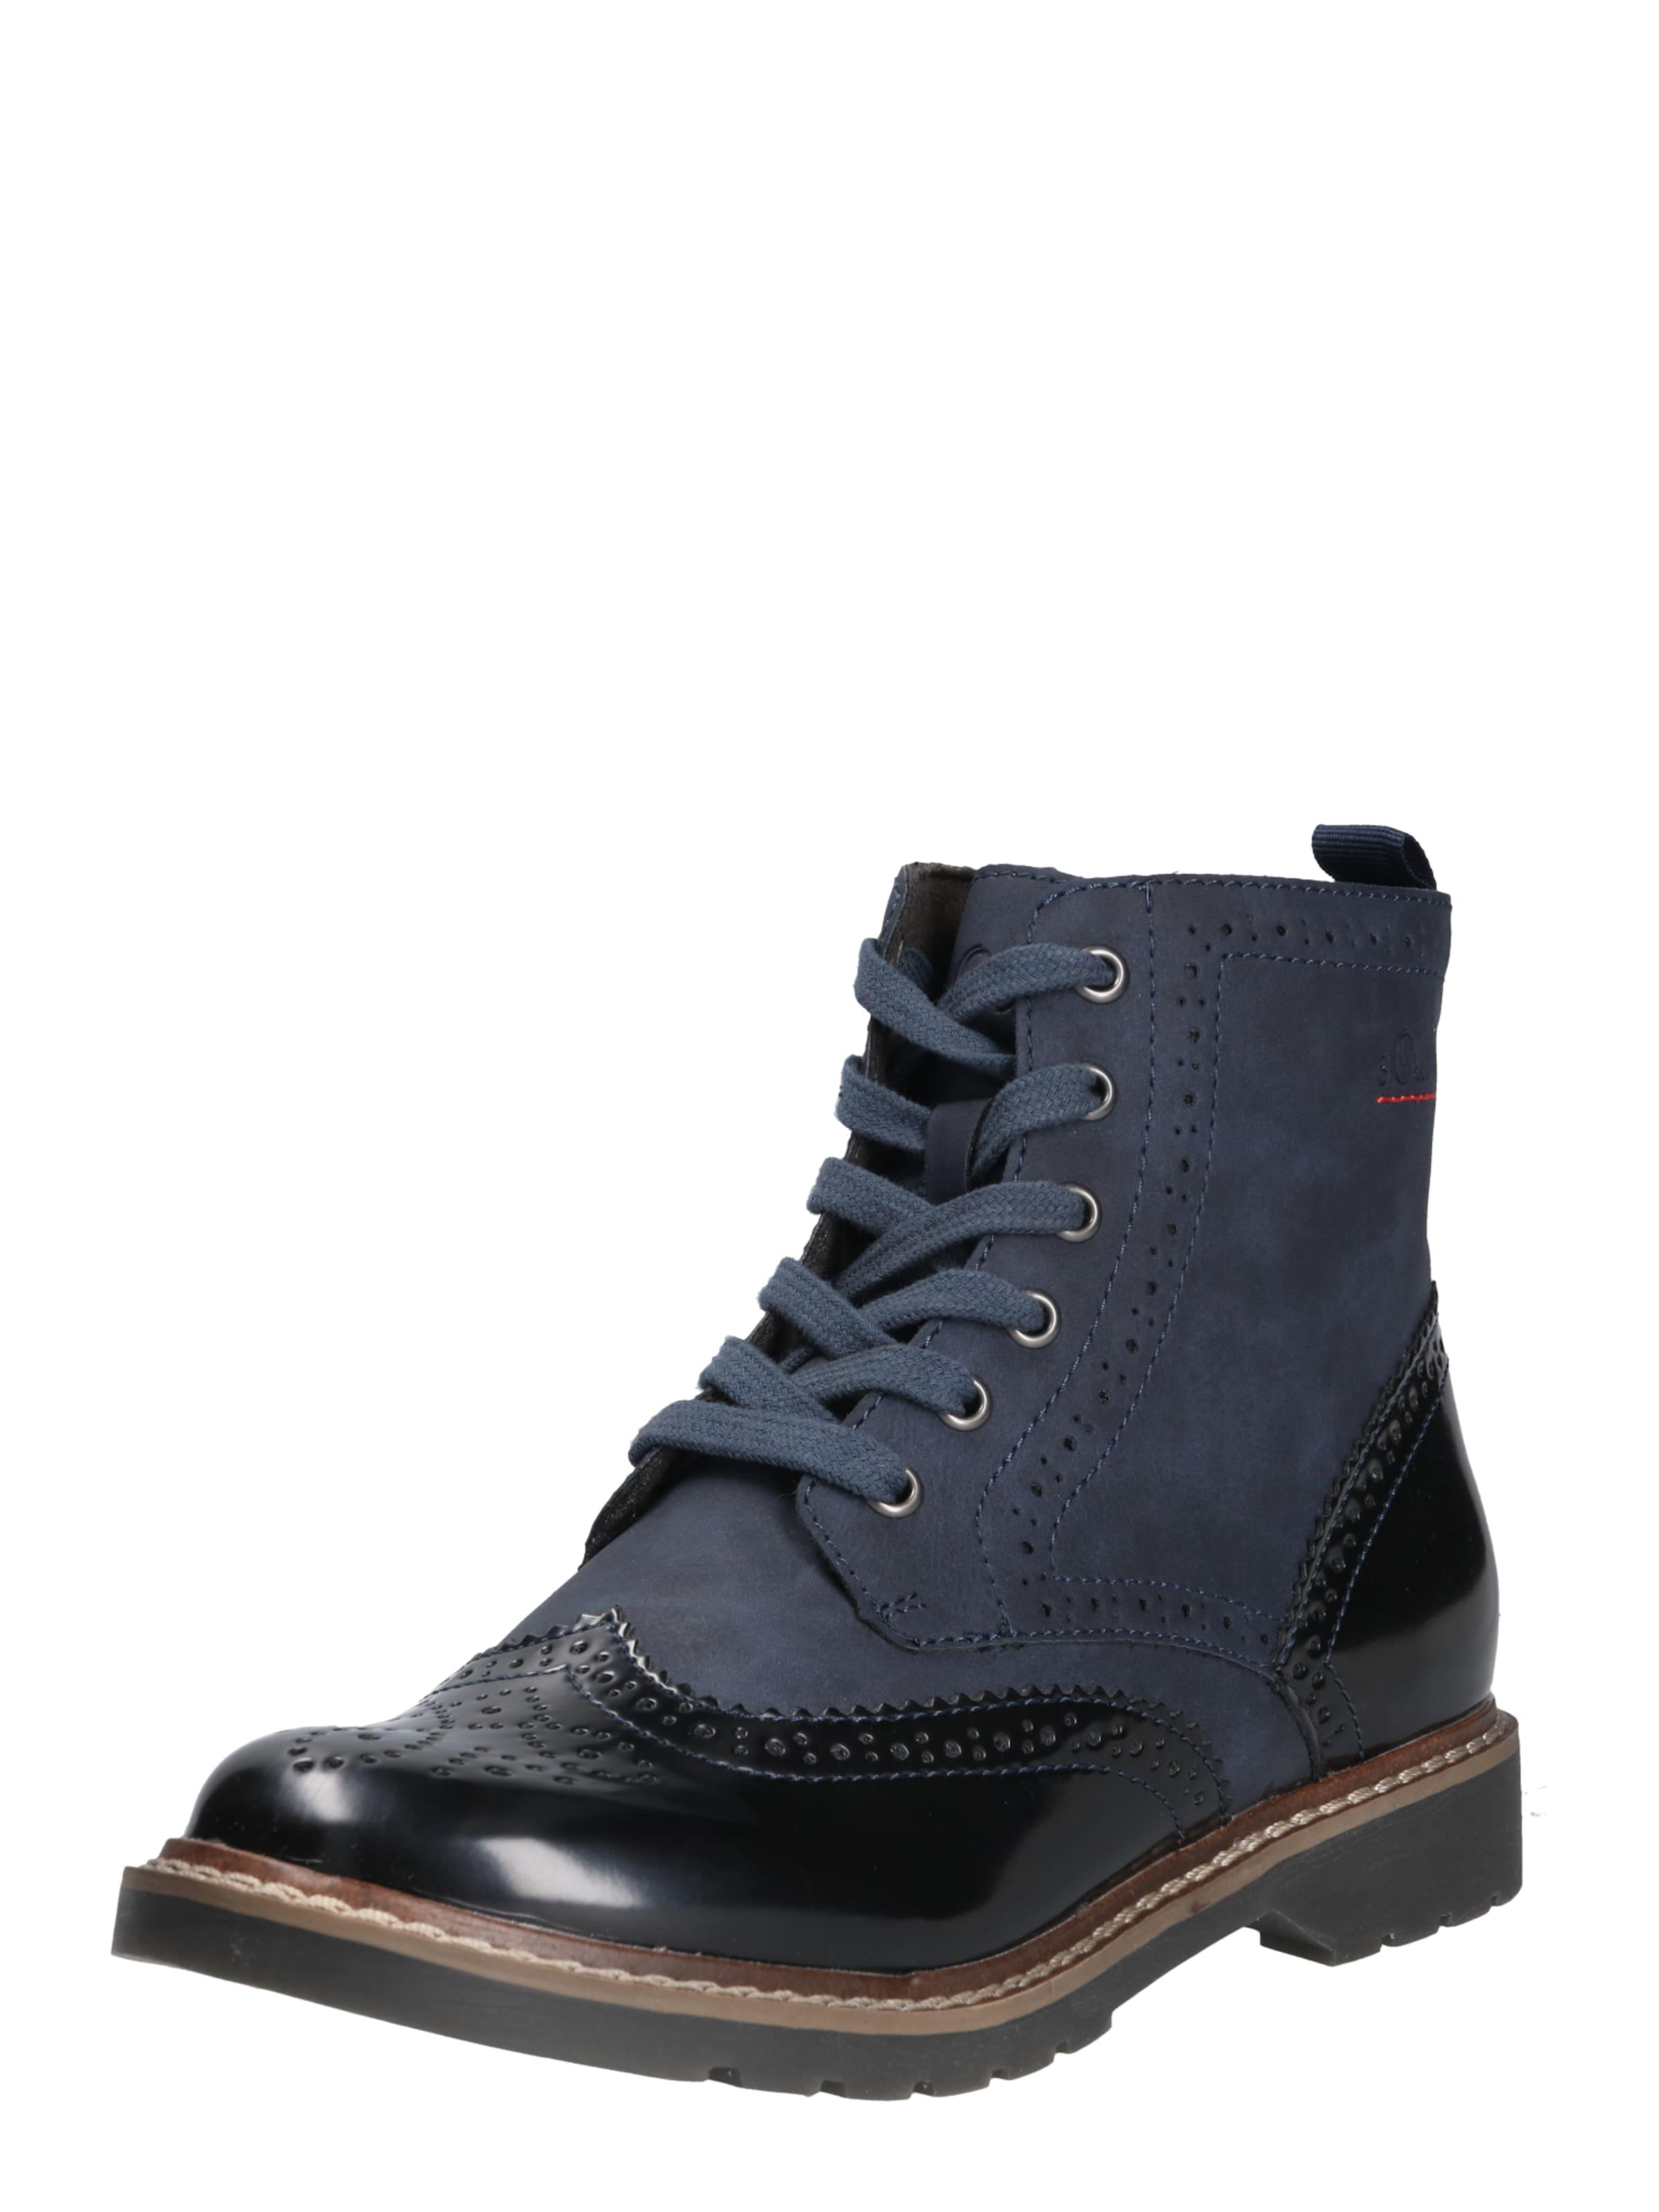 s.Oliver RED LABEL Schnürstiefelette Günstige und langlebige Schuhe